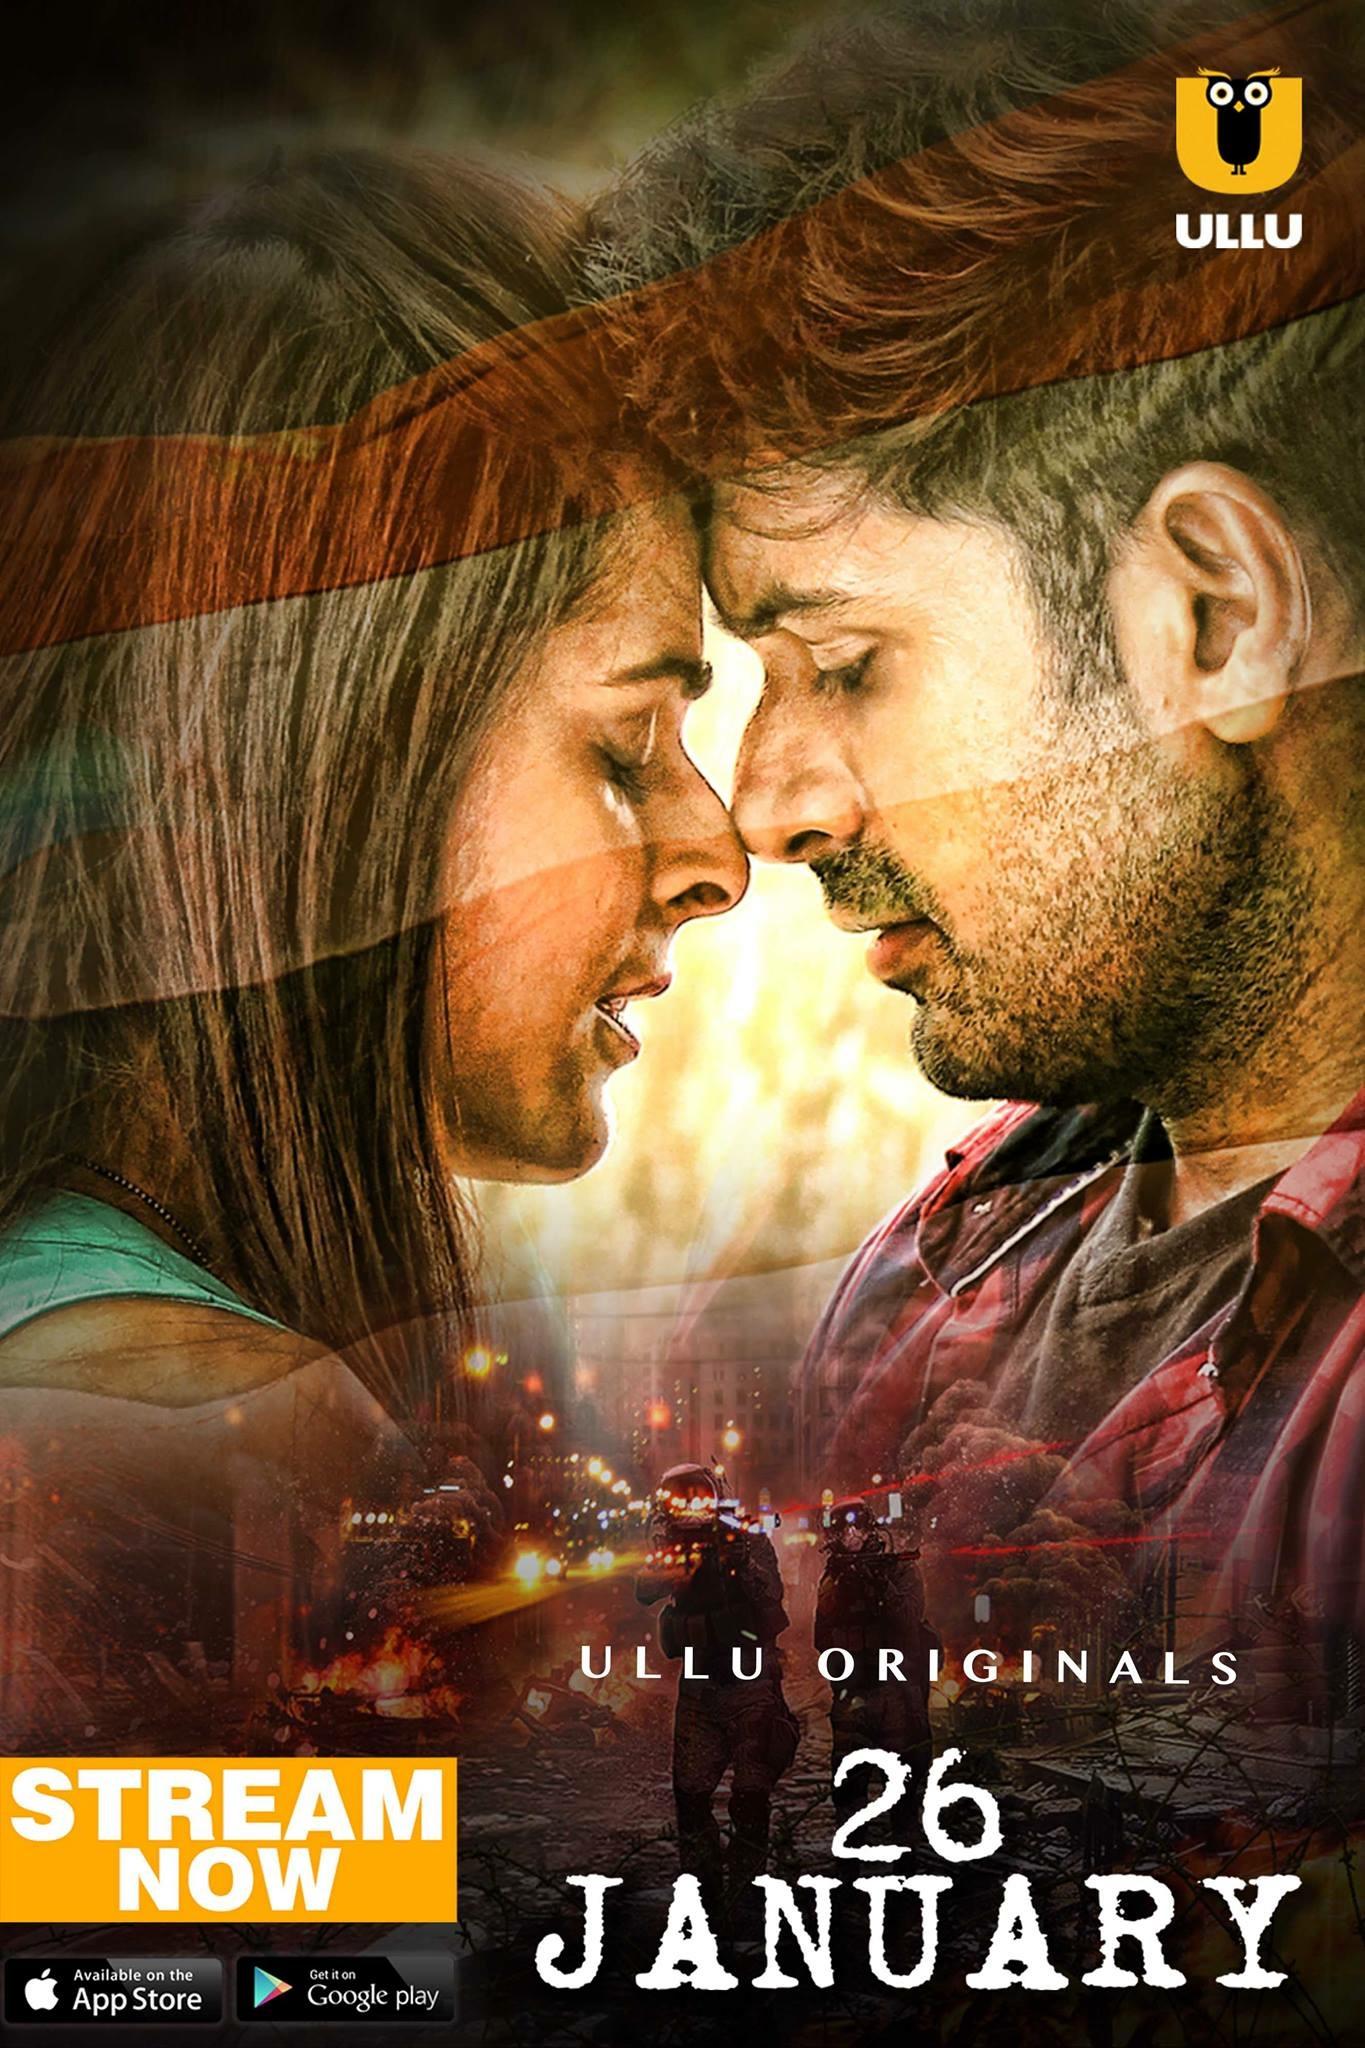 18+ 26 January (2021) S01 Hindi Ullu Originals Complete Web Series 720p HDRip 600MB Download